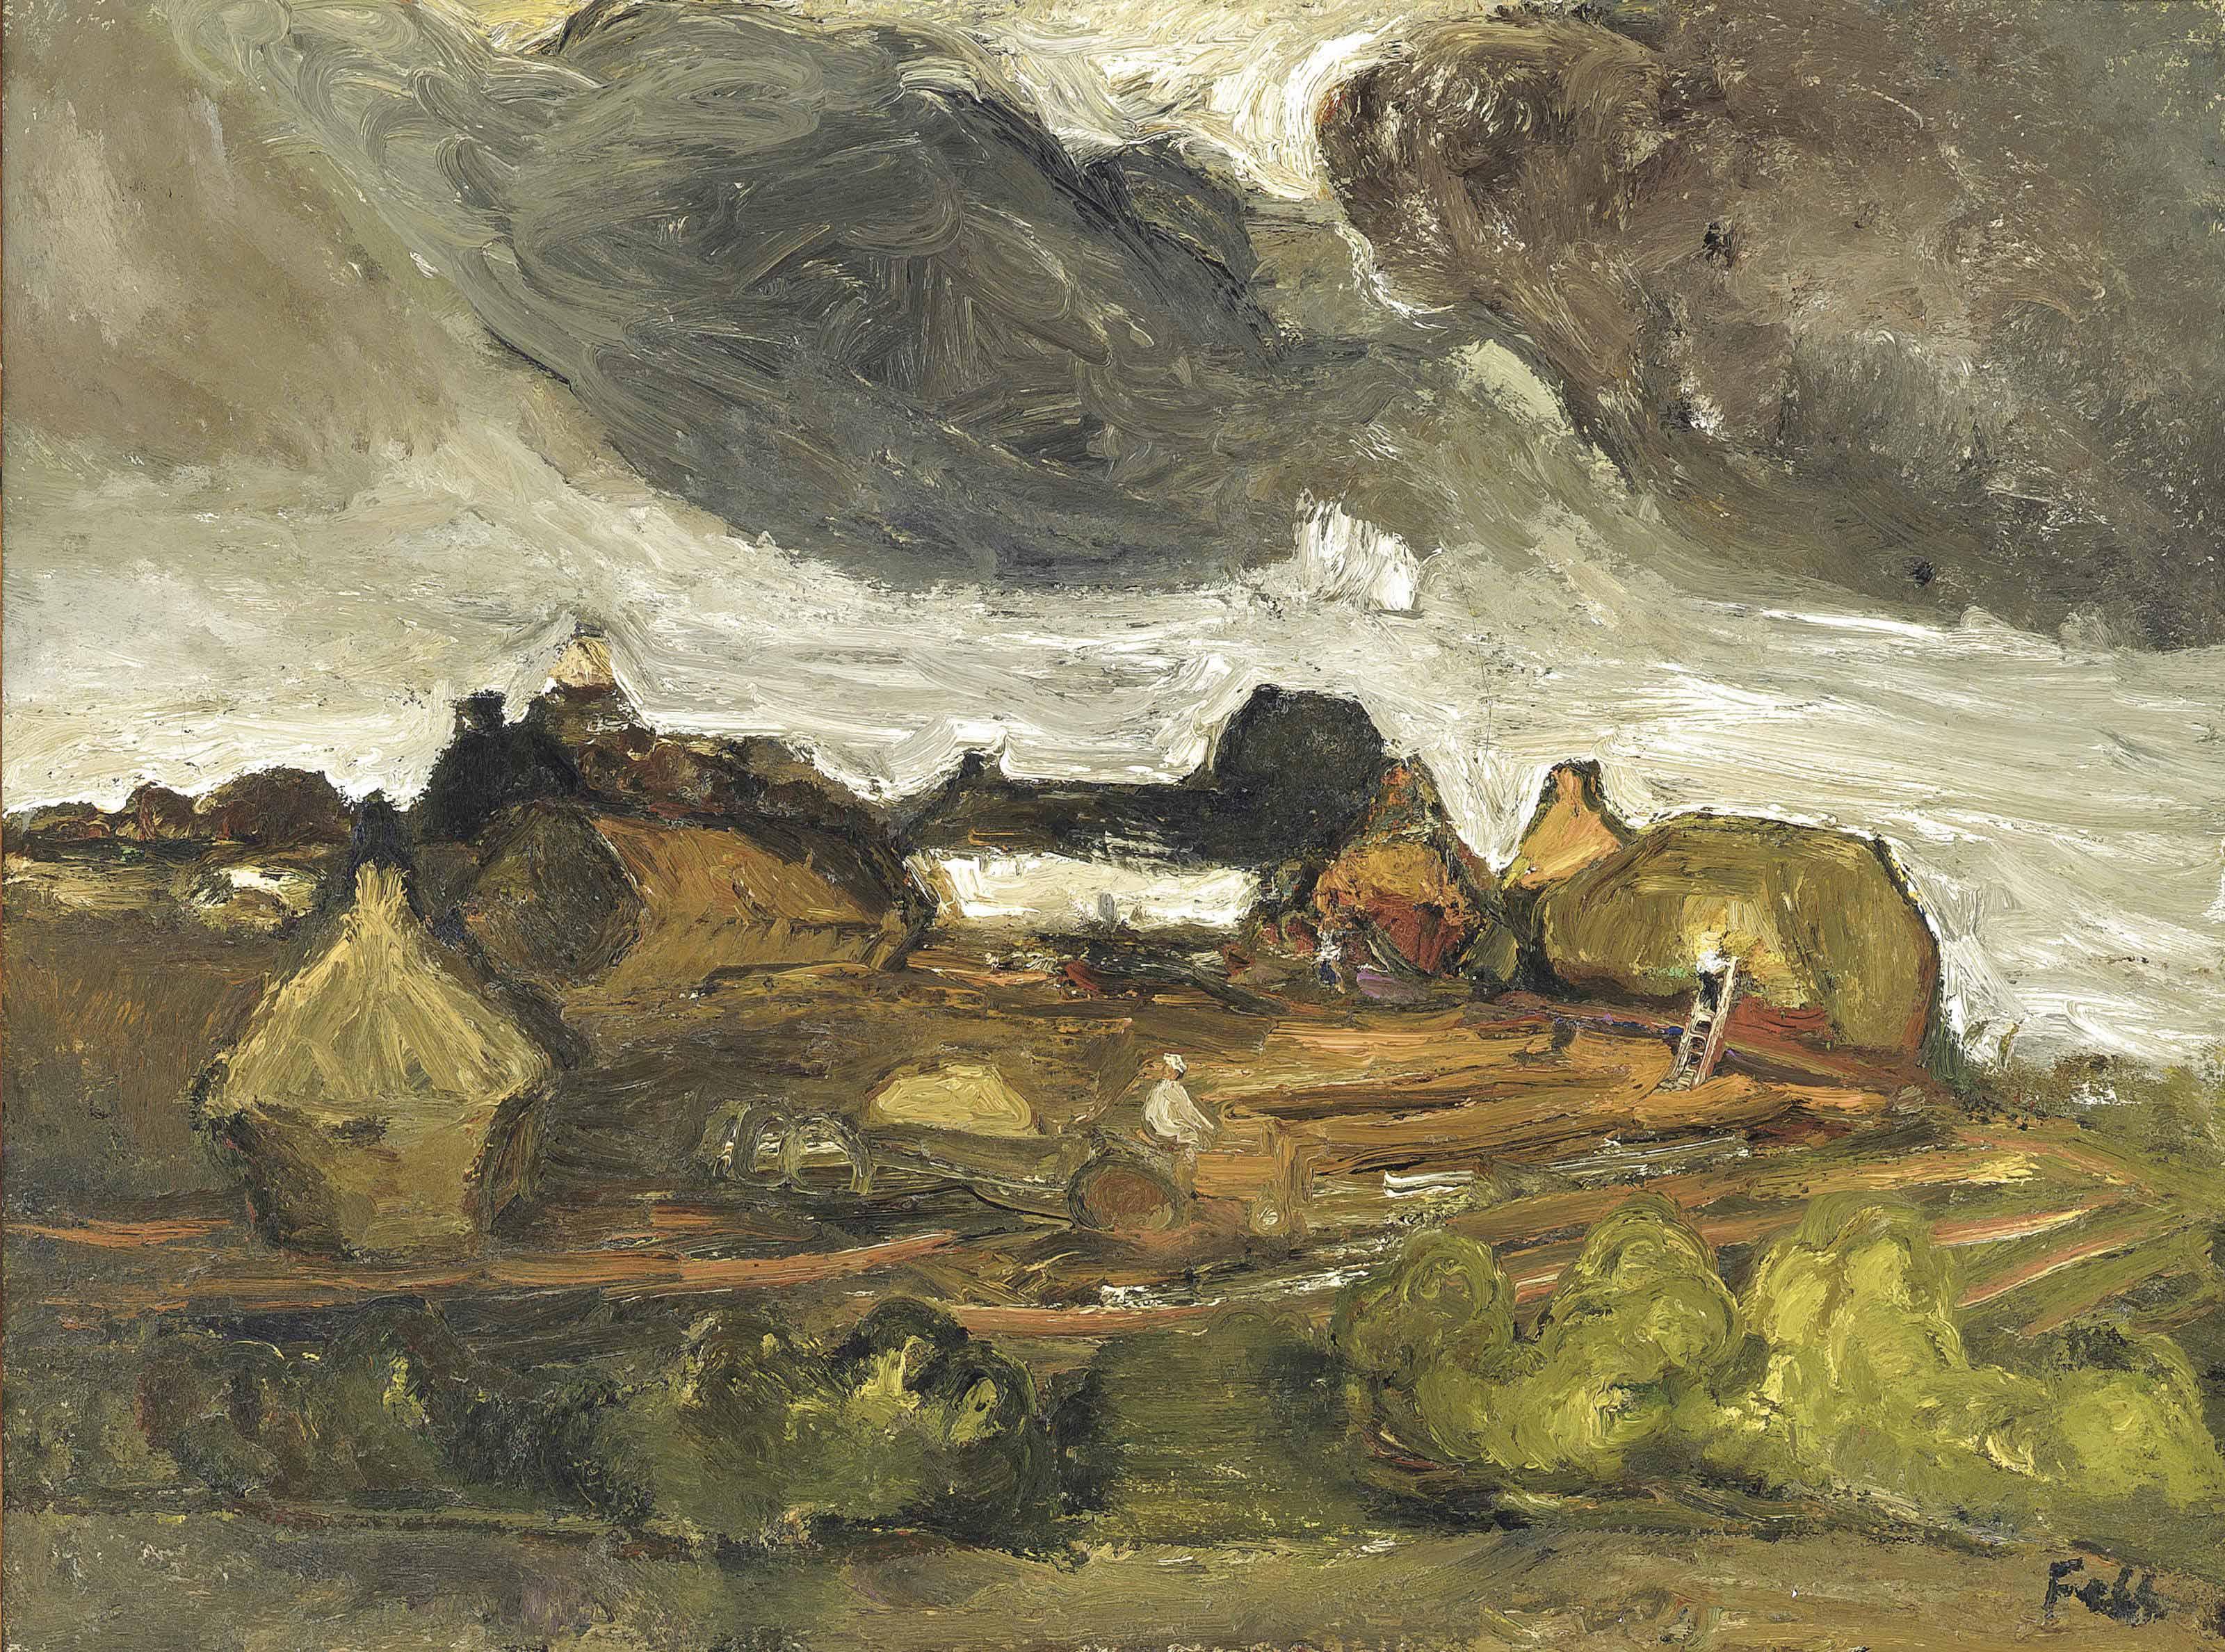 Farm in a field